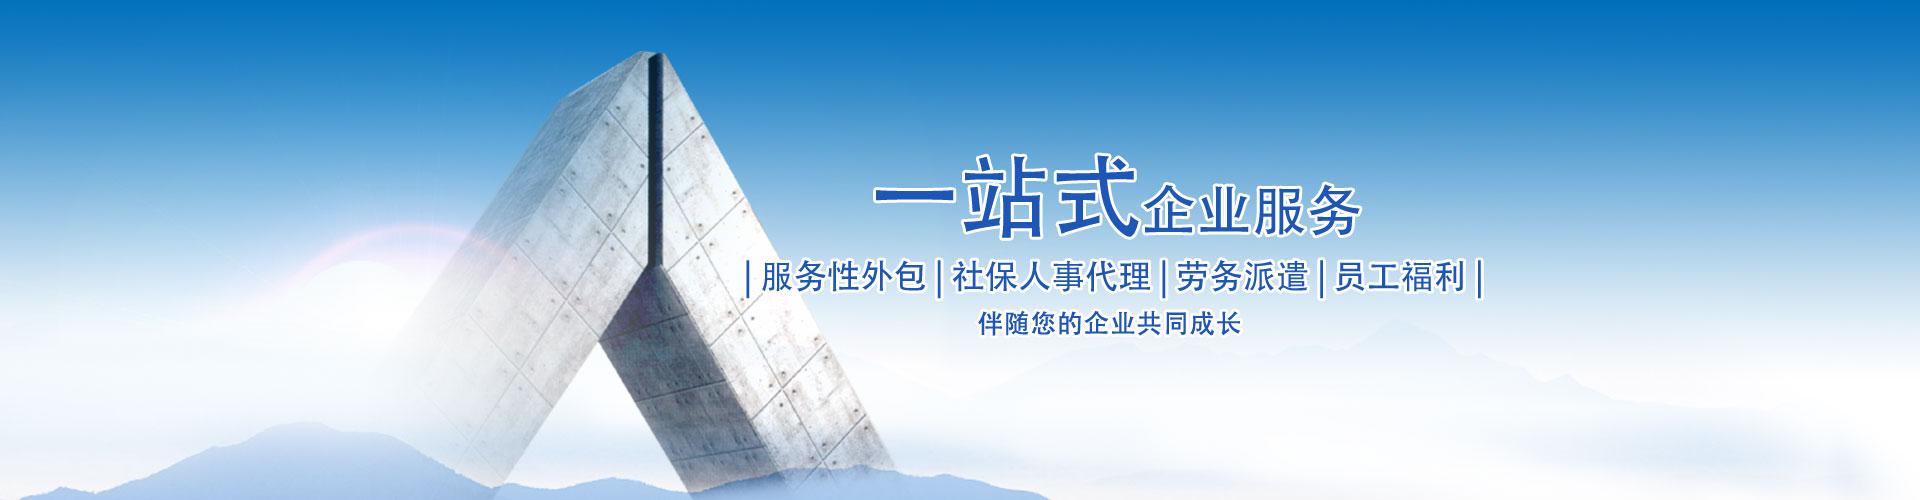 商城banner3